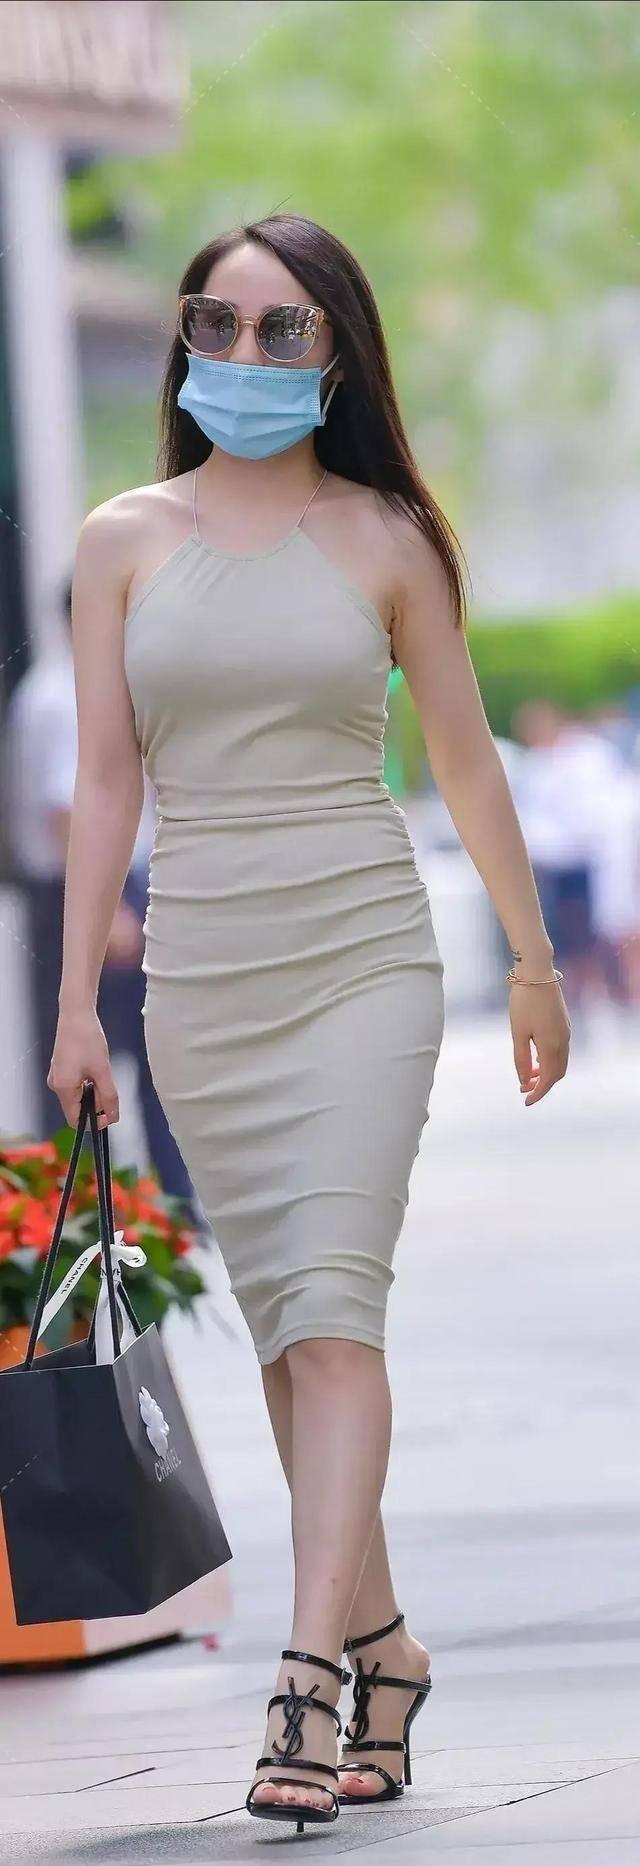 立体精美的连衣裙装扮复古感十足,展现你的靓丽气质,低调大气